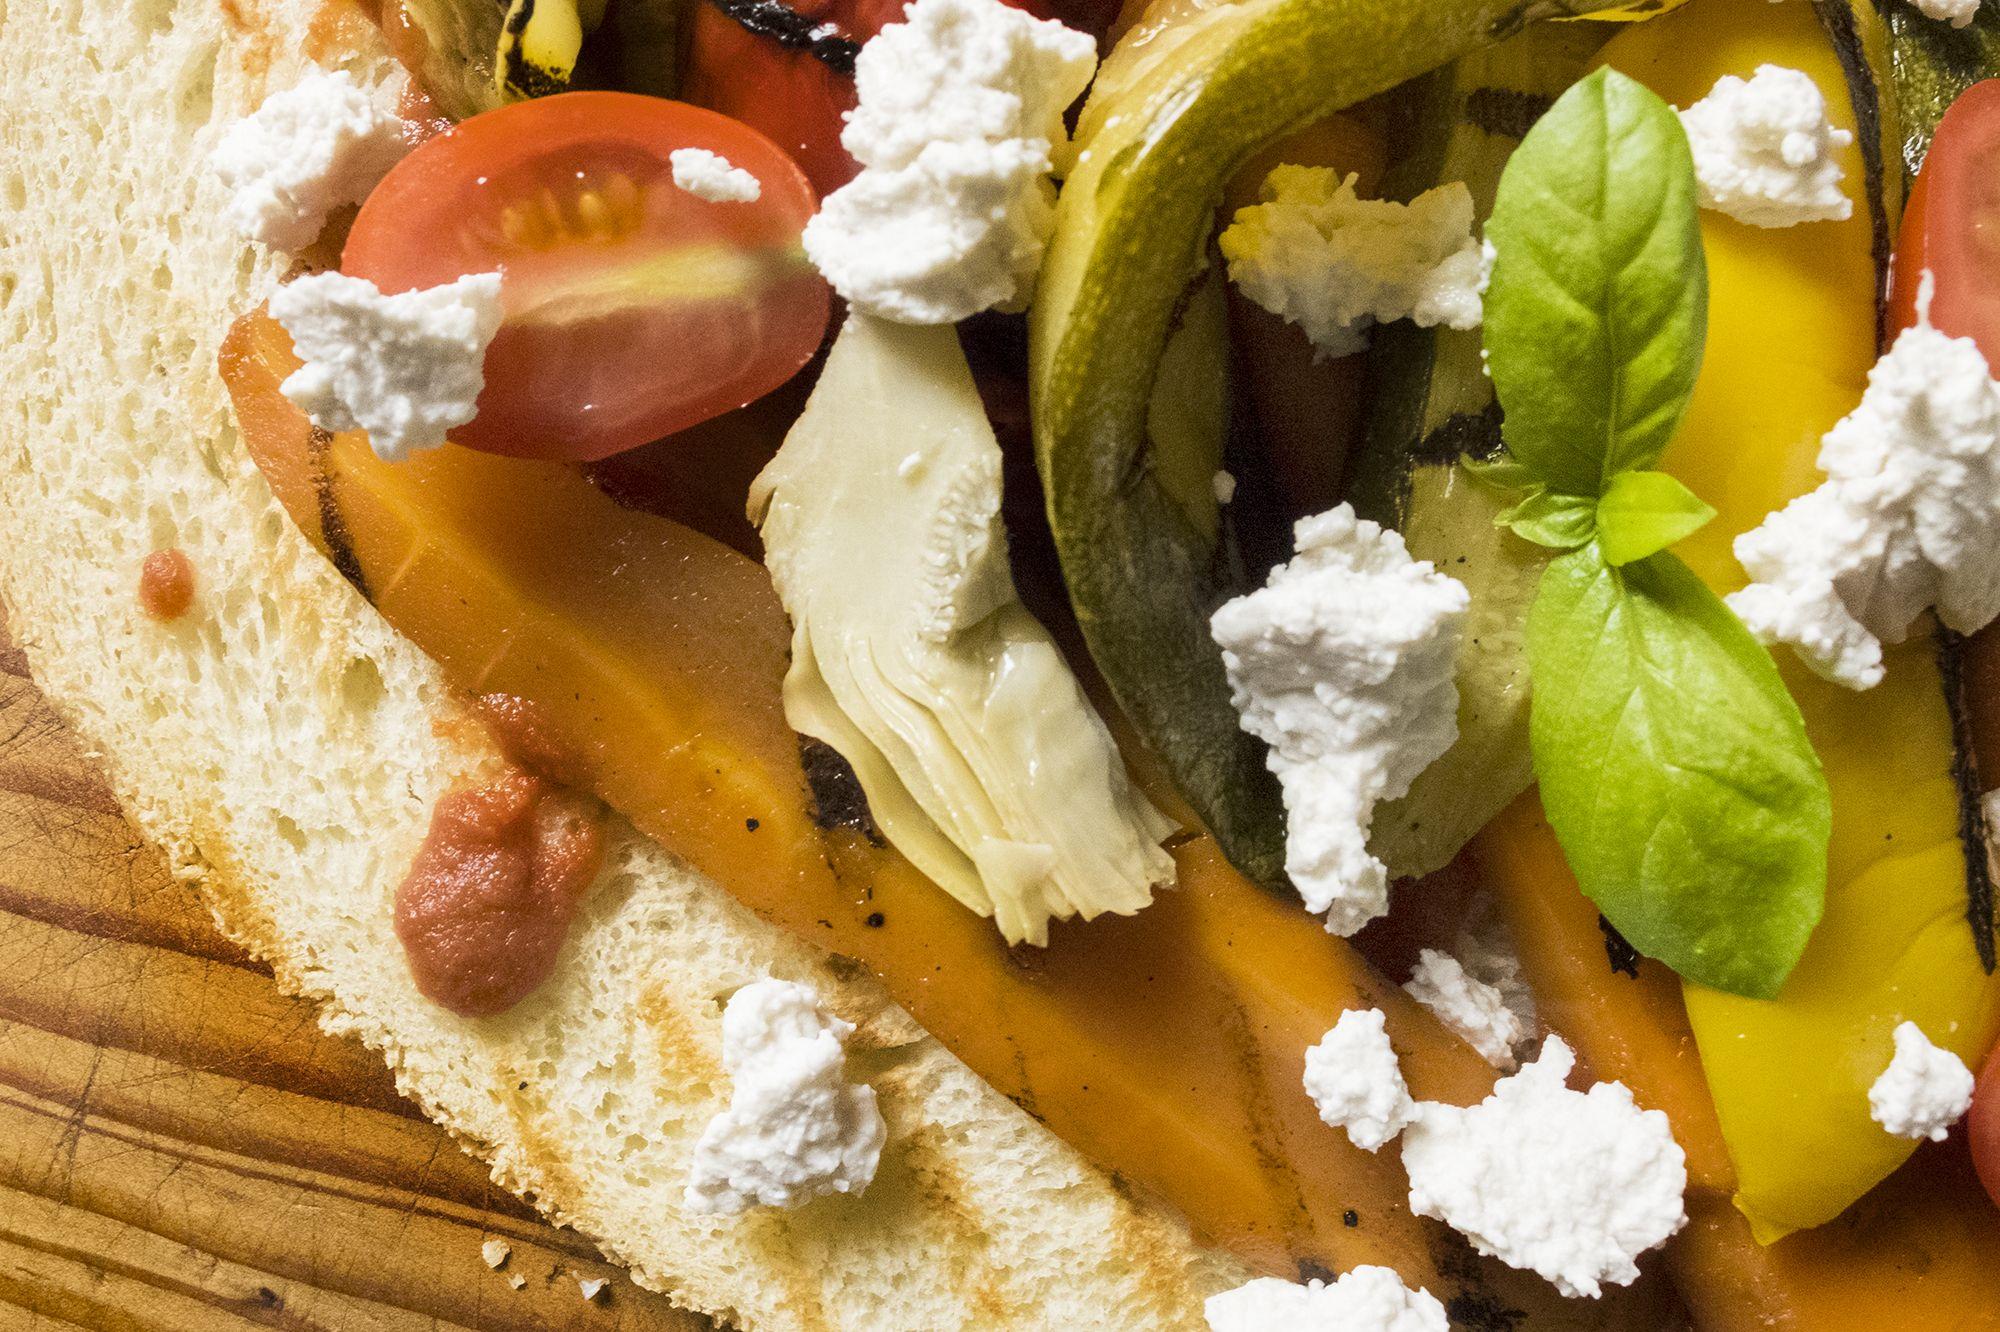 Verdure grigliate e ricotta di mandorle